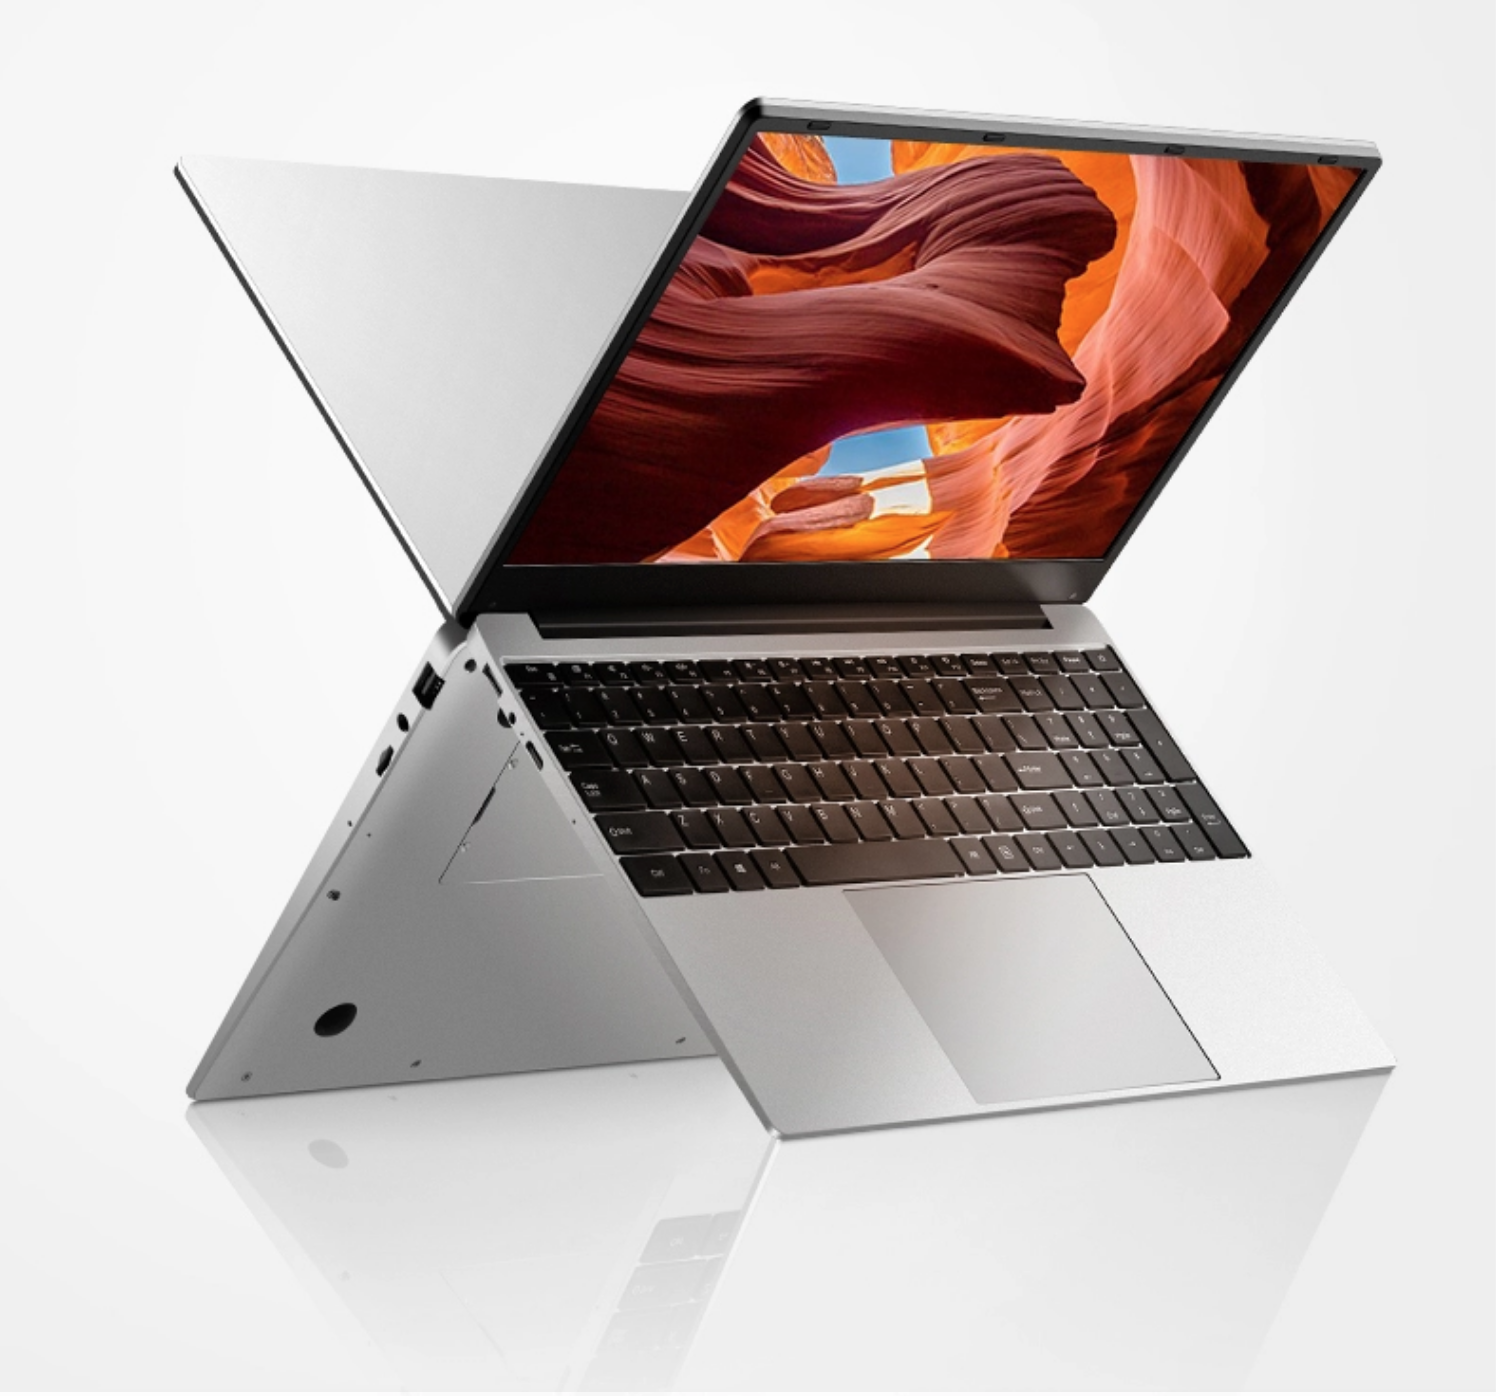 Ноутбук 13,3 дюйма intel core i7 win10, 16 ГБ + 512 Гб SSD, поддержка сенсорного экрана, оптом